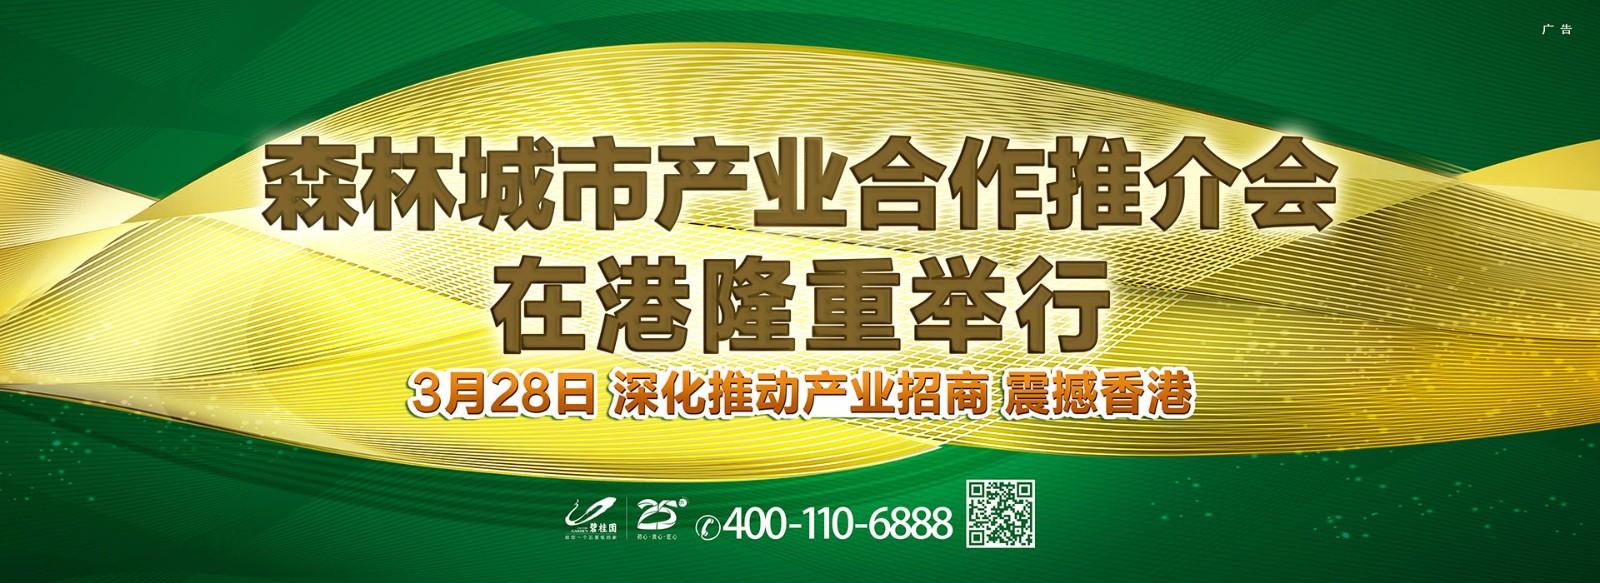 侠岚浮丘透视图,谭湘君壁纸,湖北省鄂州飞机场有没有确定下来,许昌